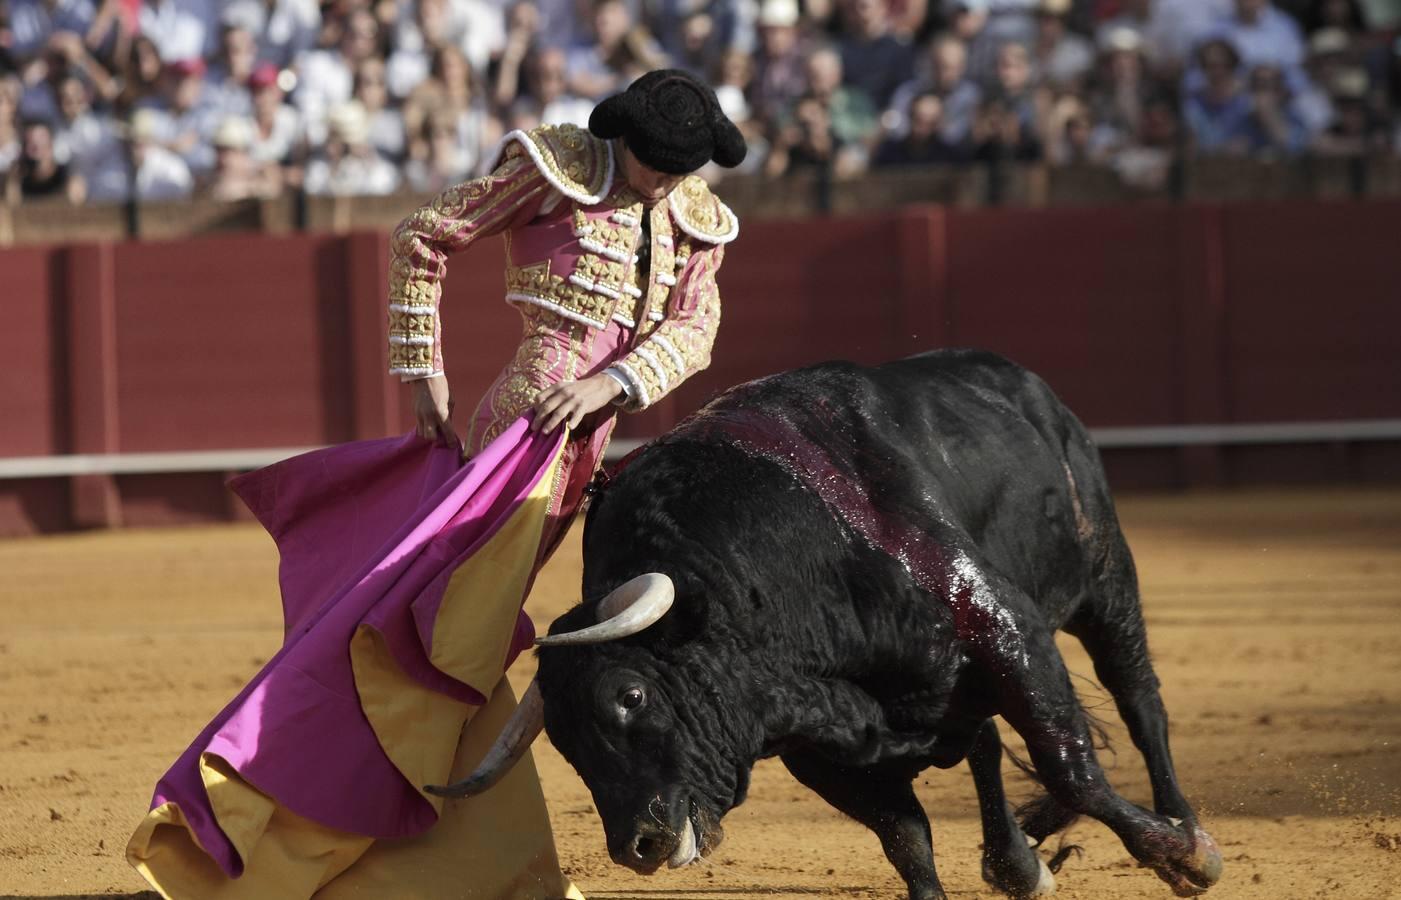 La gran tarde de toros y toreros en la Maestranza, foto a foto